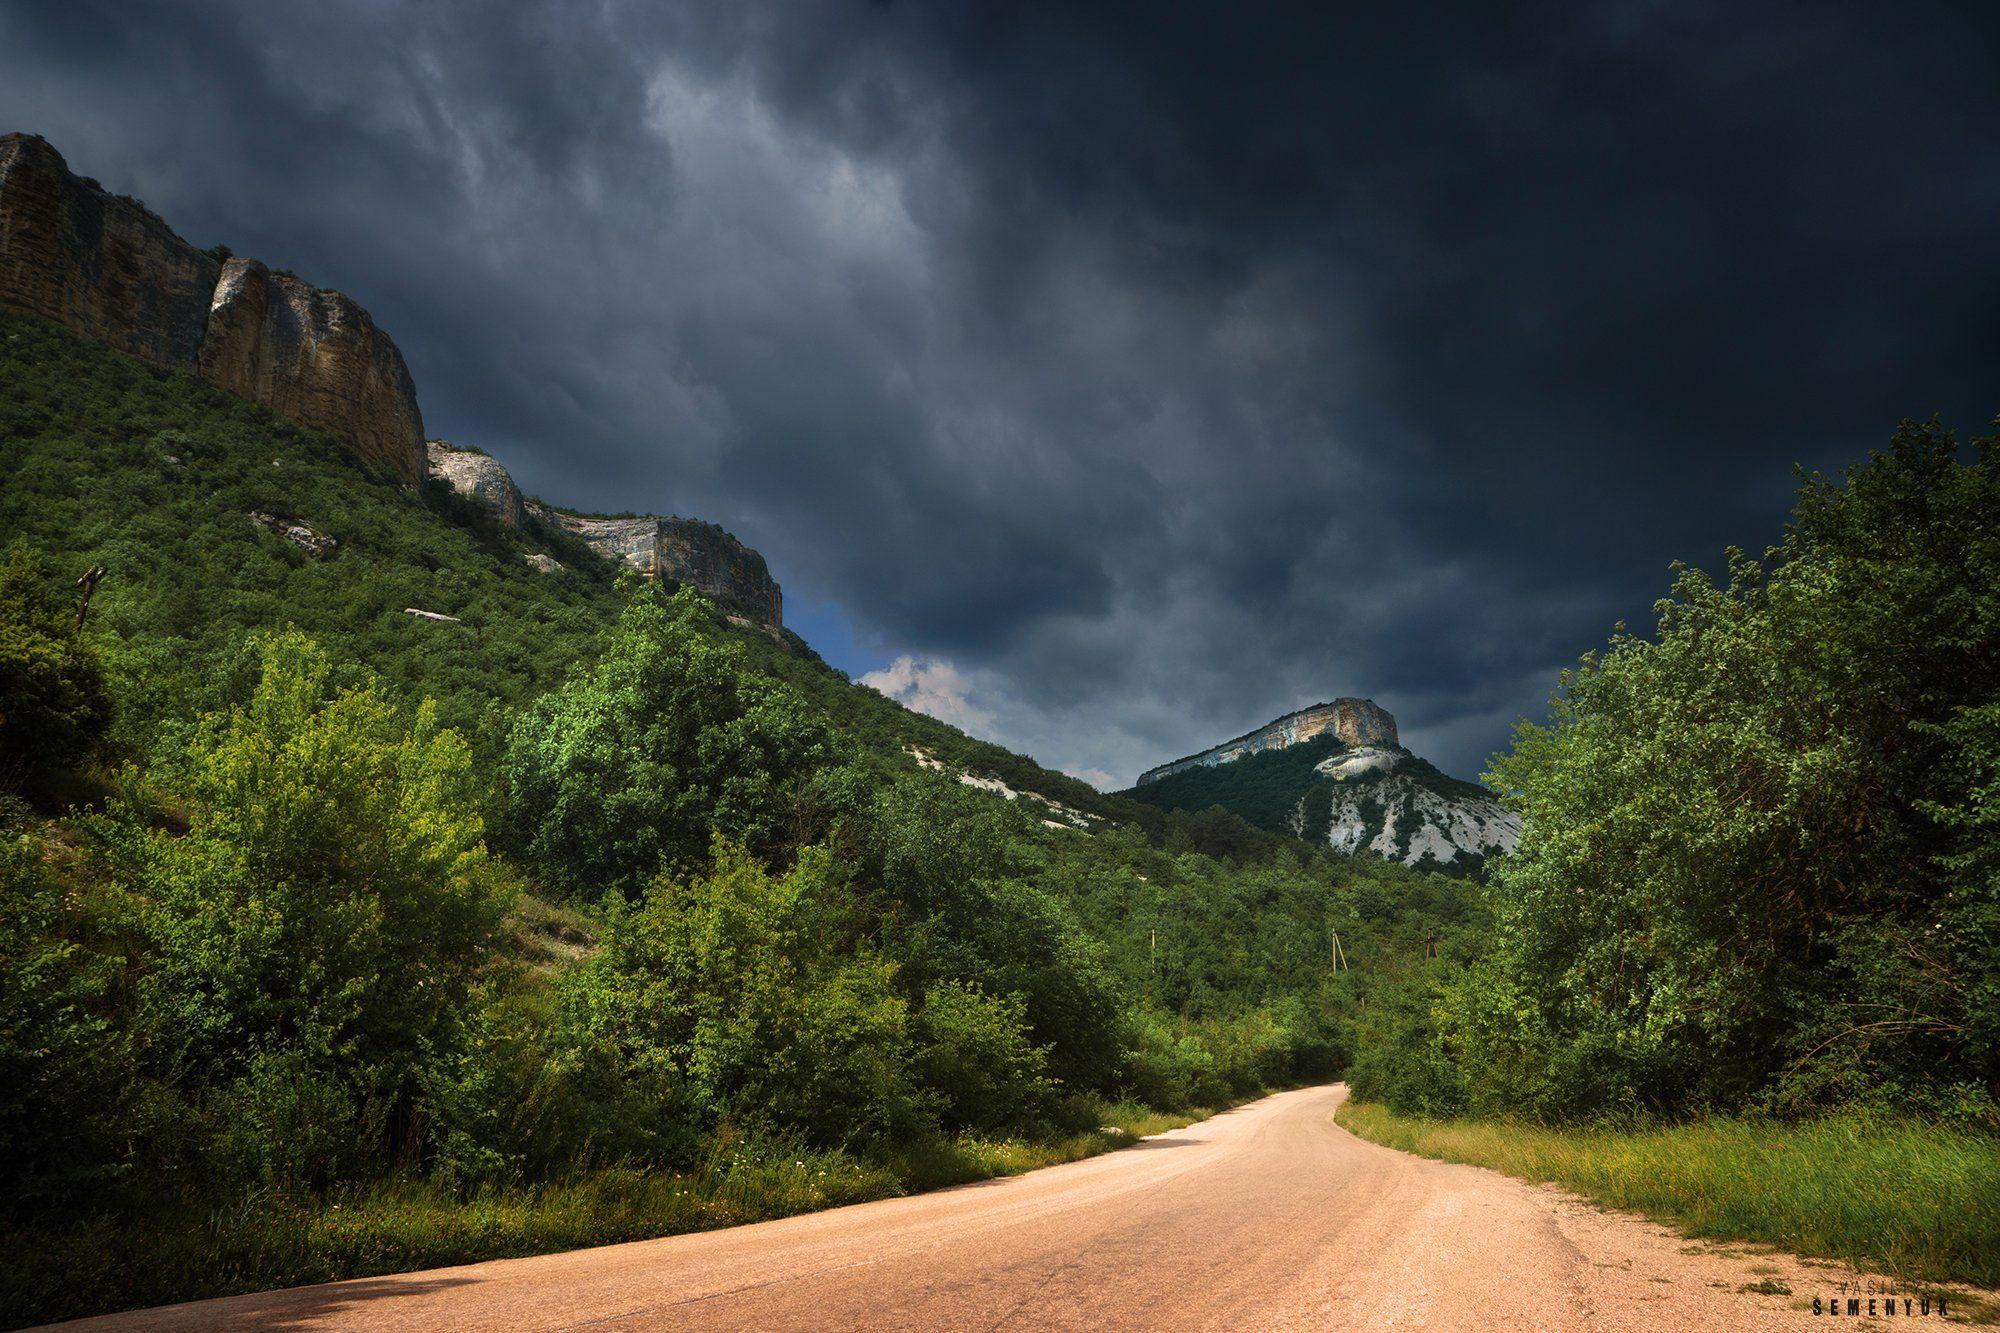 крым, горы, дорога, гроза, облака, кыз-кермен, лучи., Семенюк Василий